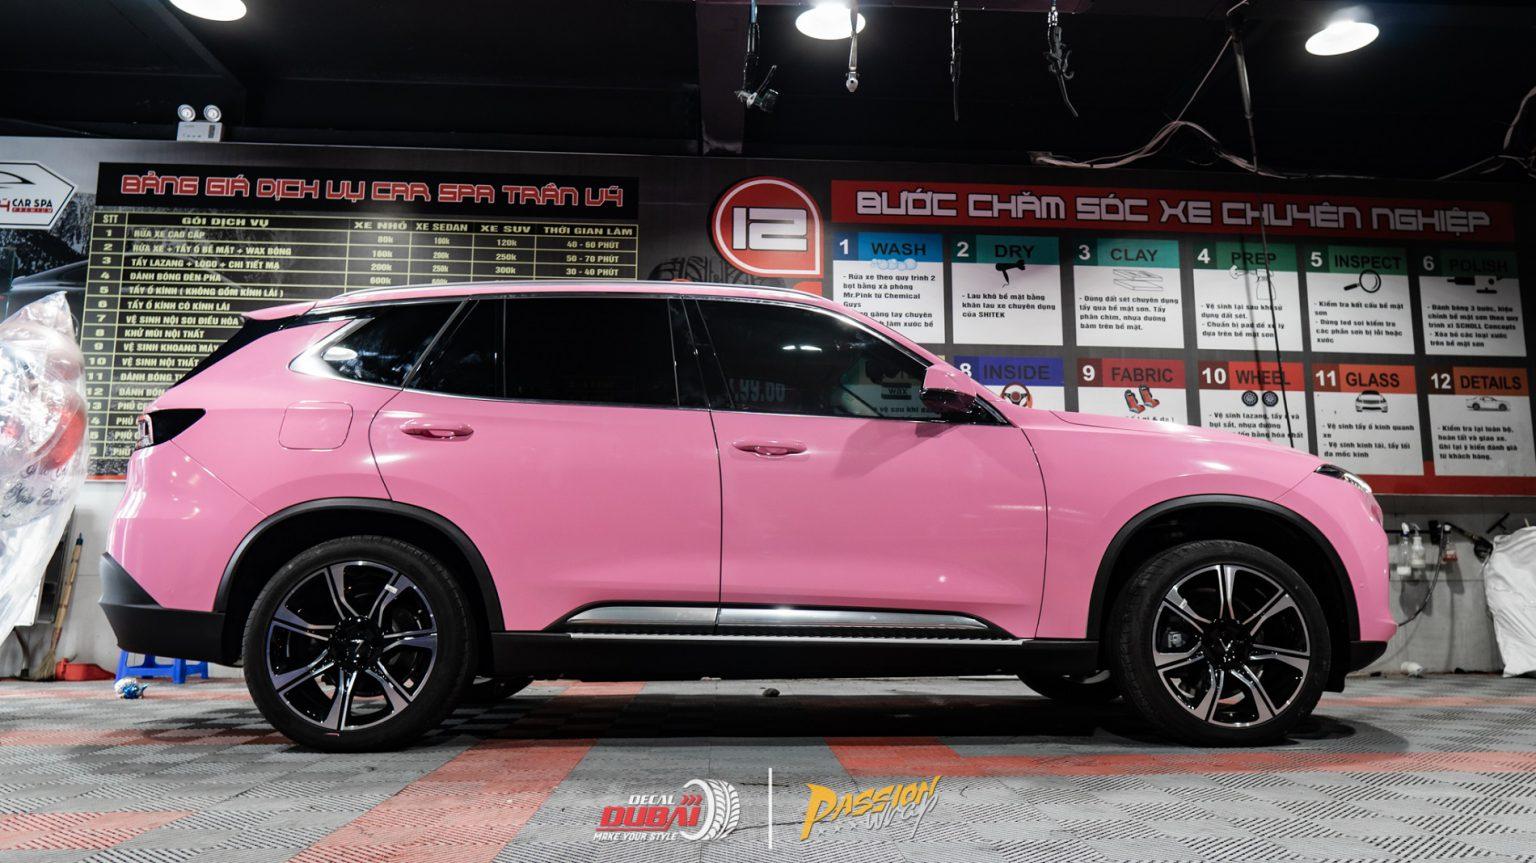 Dán đổi màu xe vinfast lux sa hồng